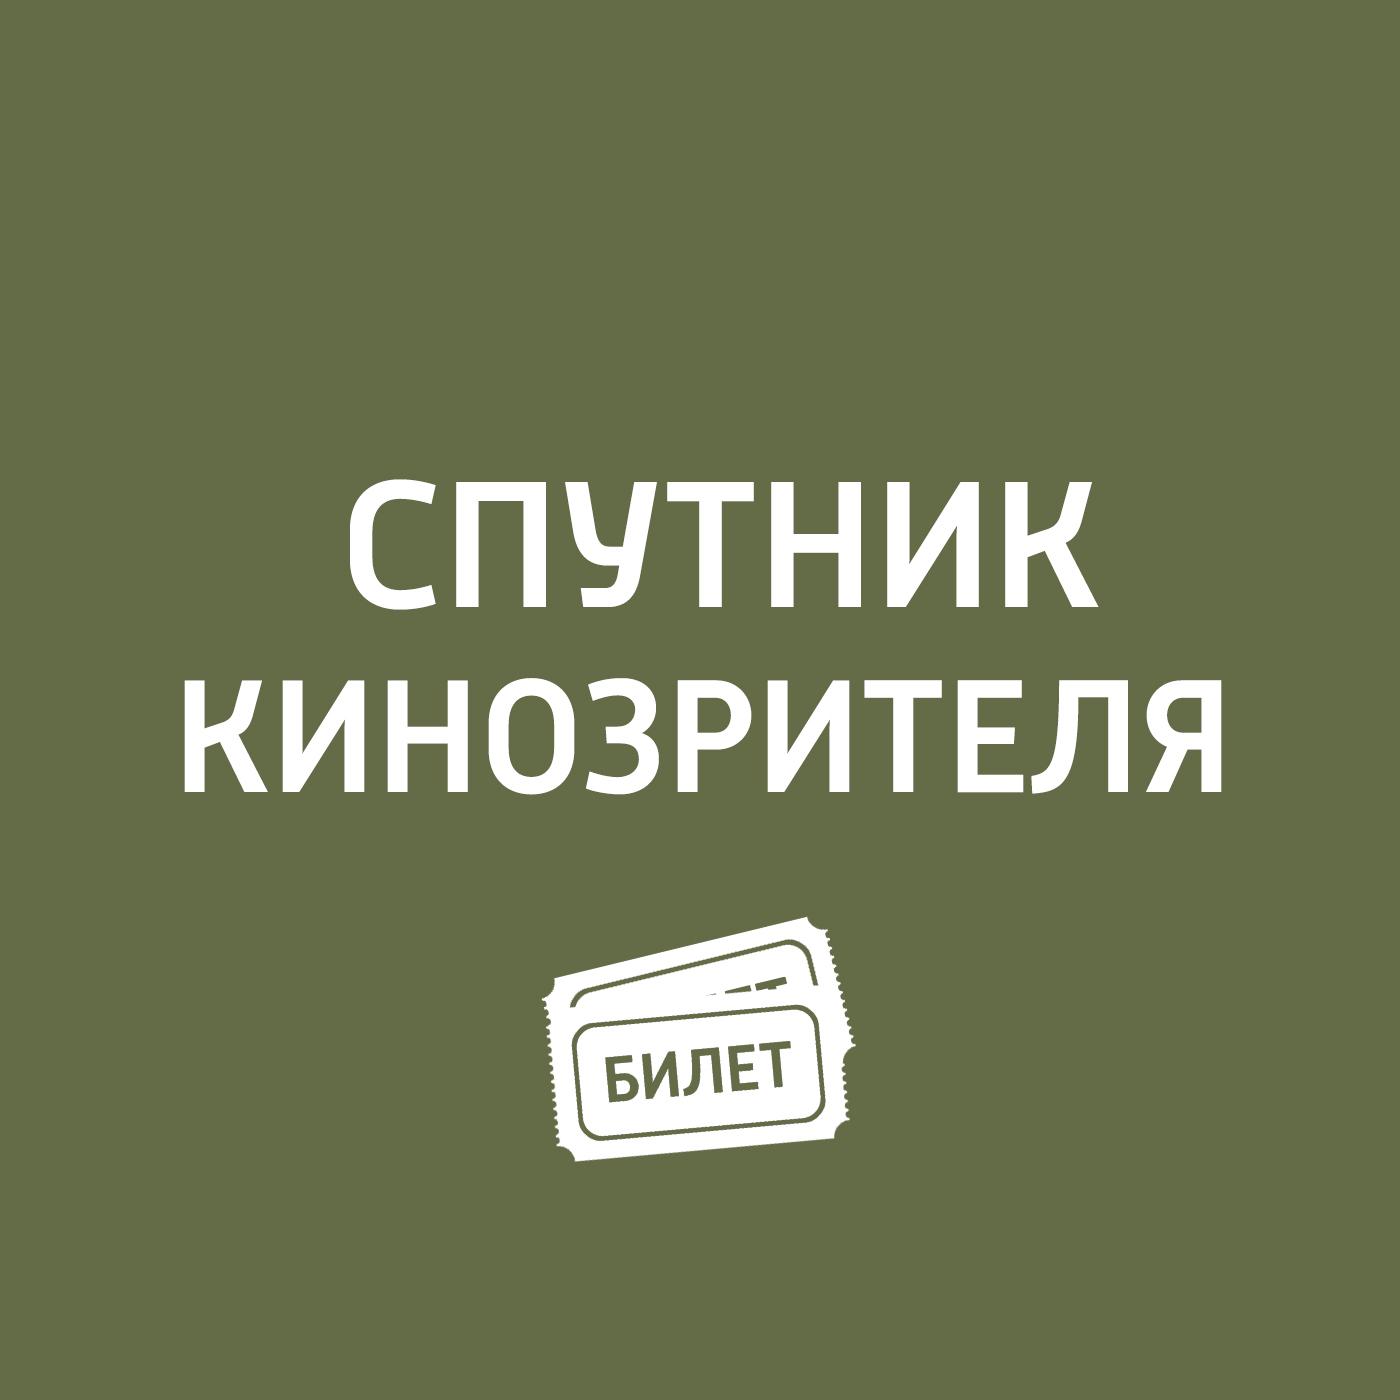 Антон Долин Джон Хёрт и Билл Пэкстон бастер китон пароходный билл заключенный 13 мечты